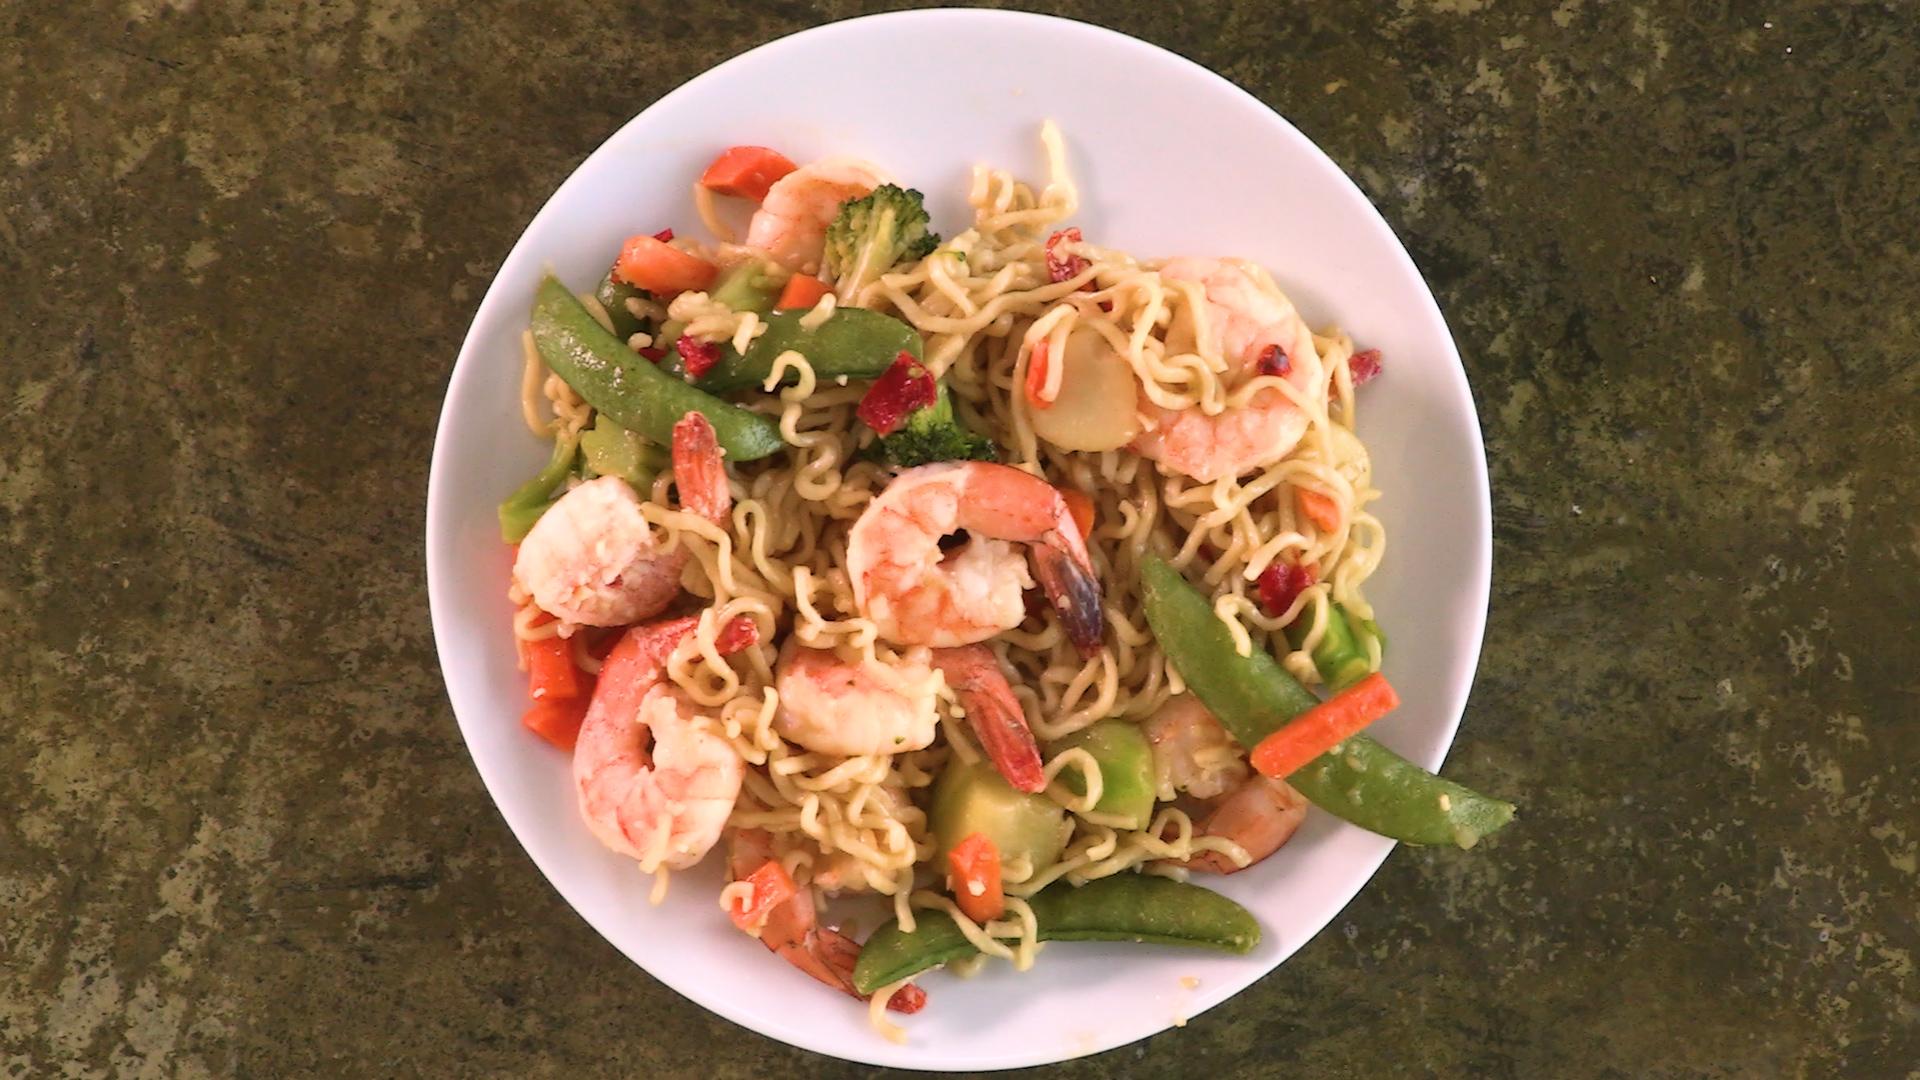 Shrimp and Ramen Stir-Fry